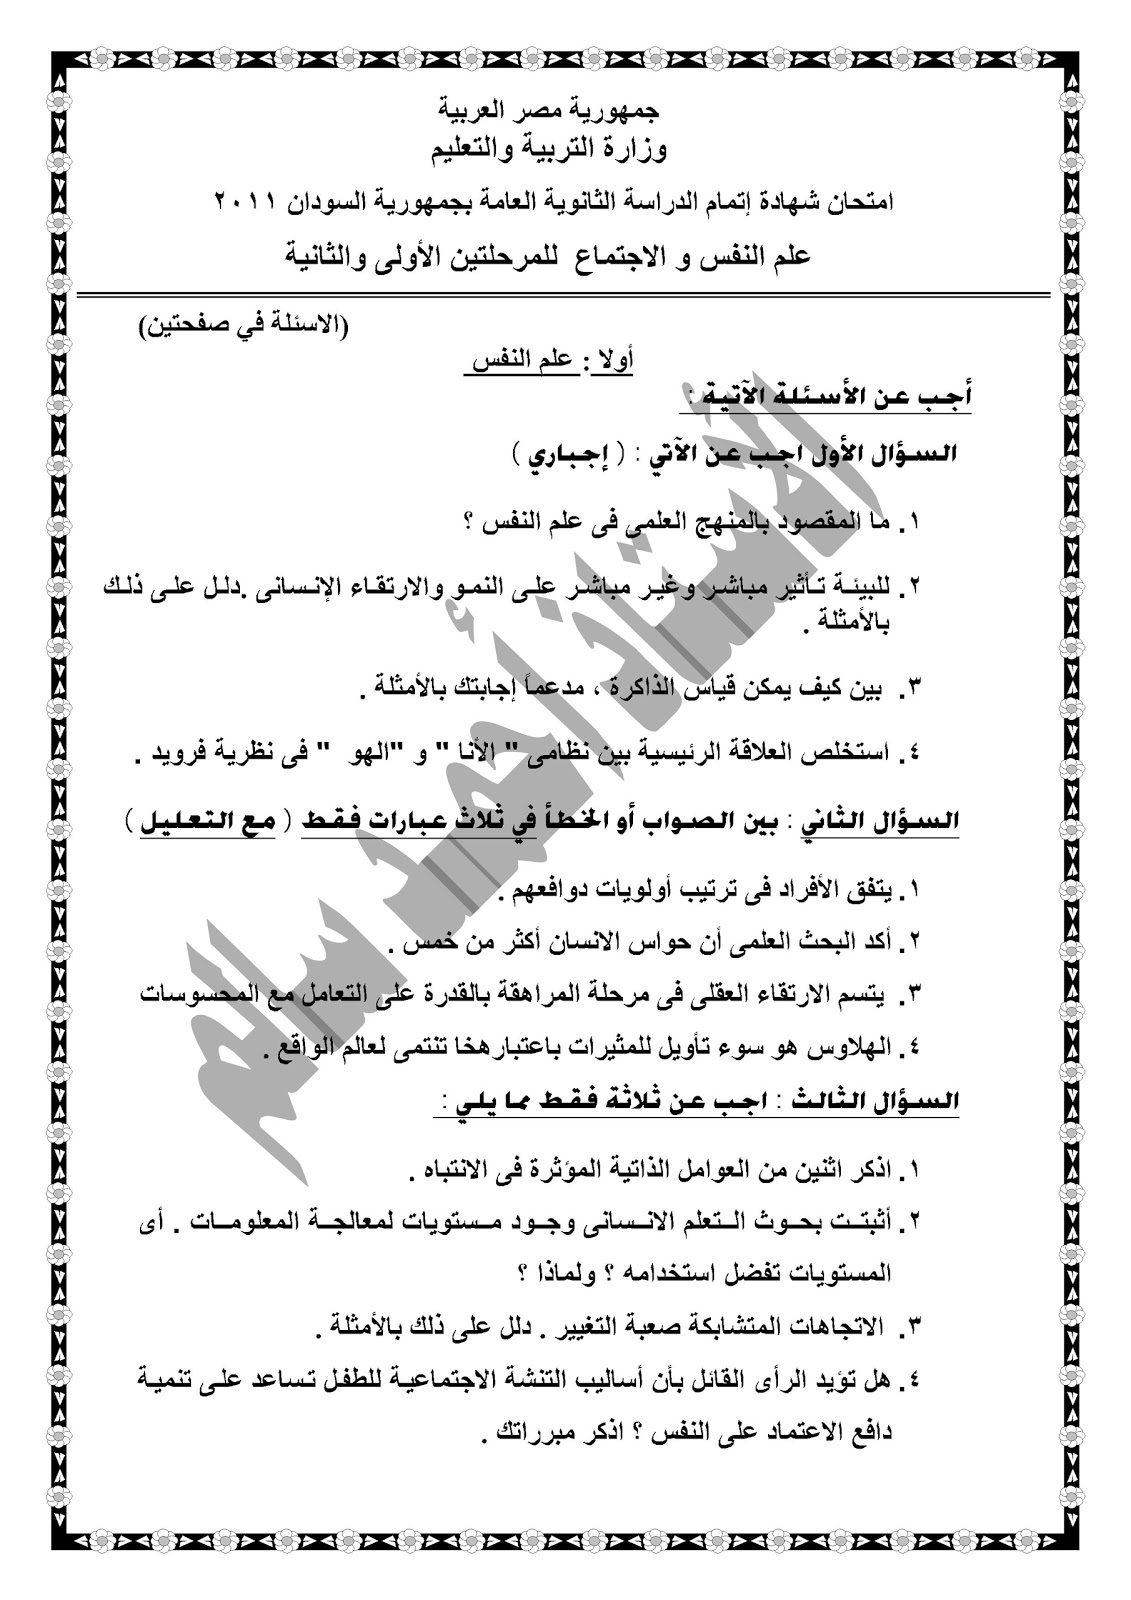 امتحان السودان 2011 في مادة علم النفس